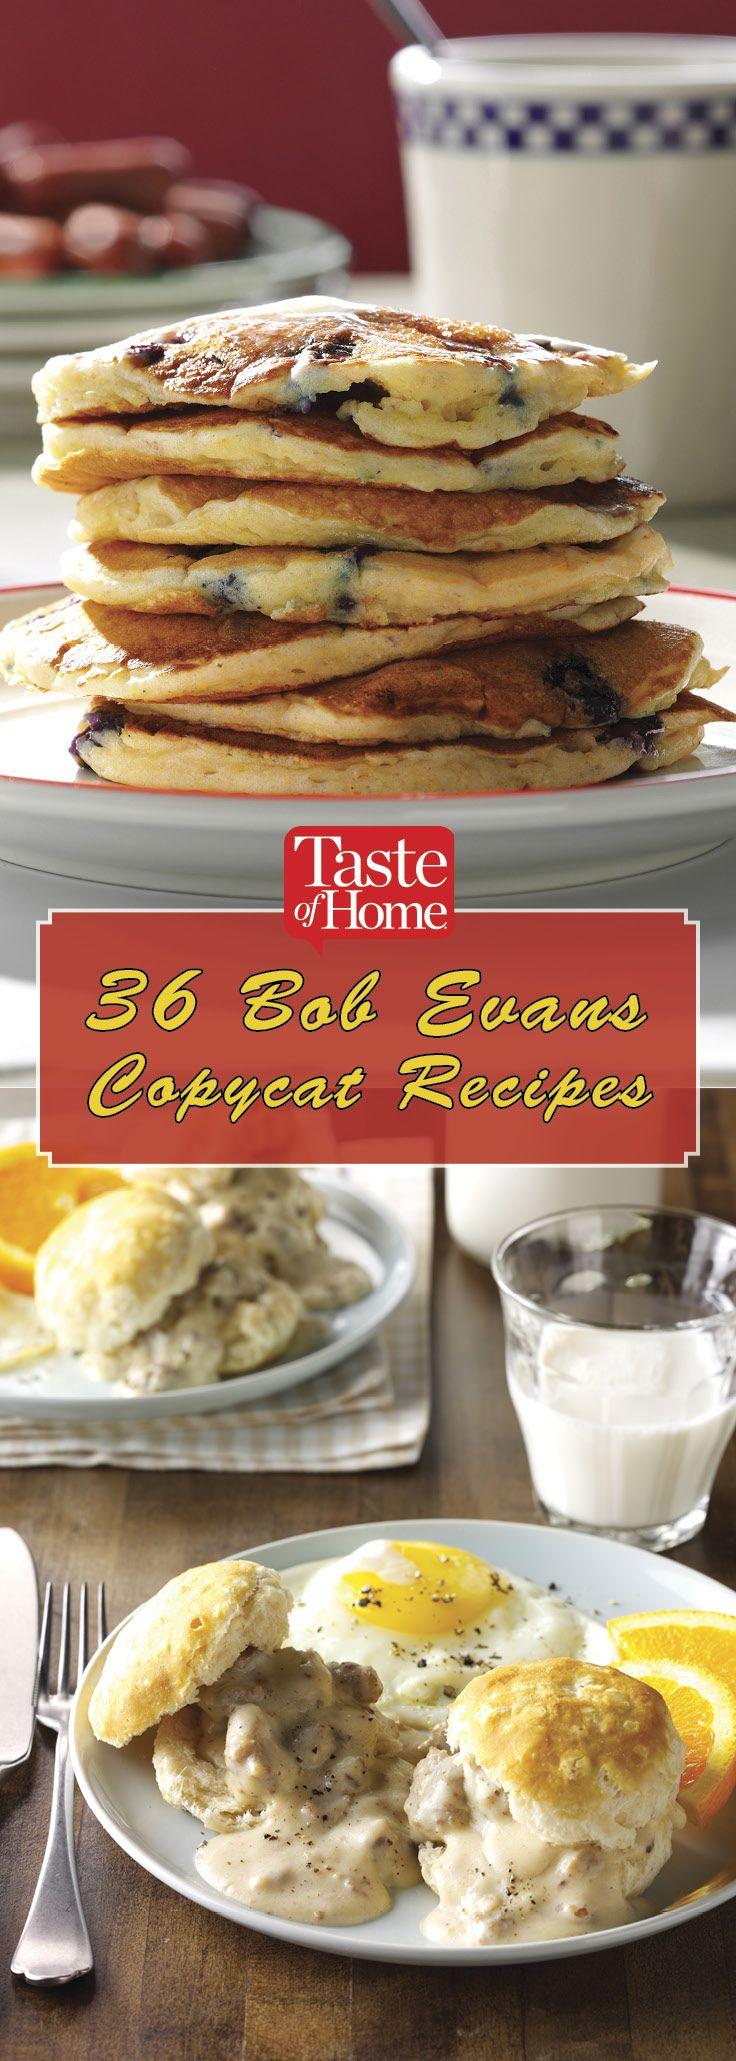 bob evans restaurant recipes